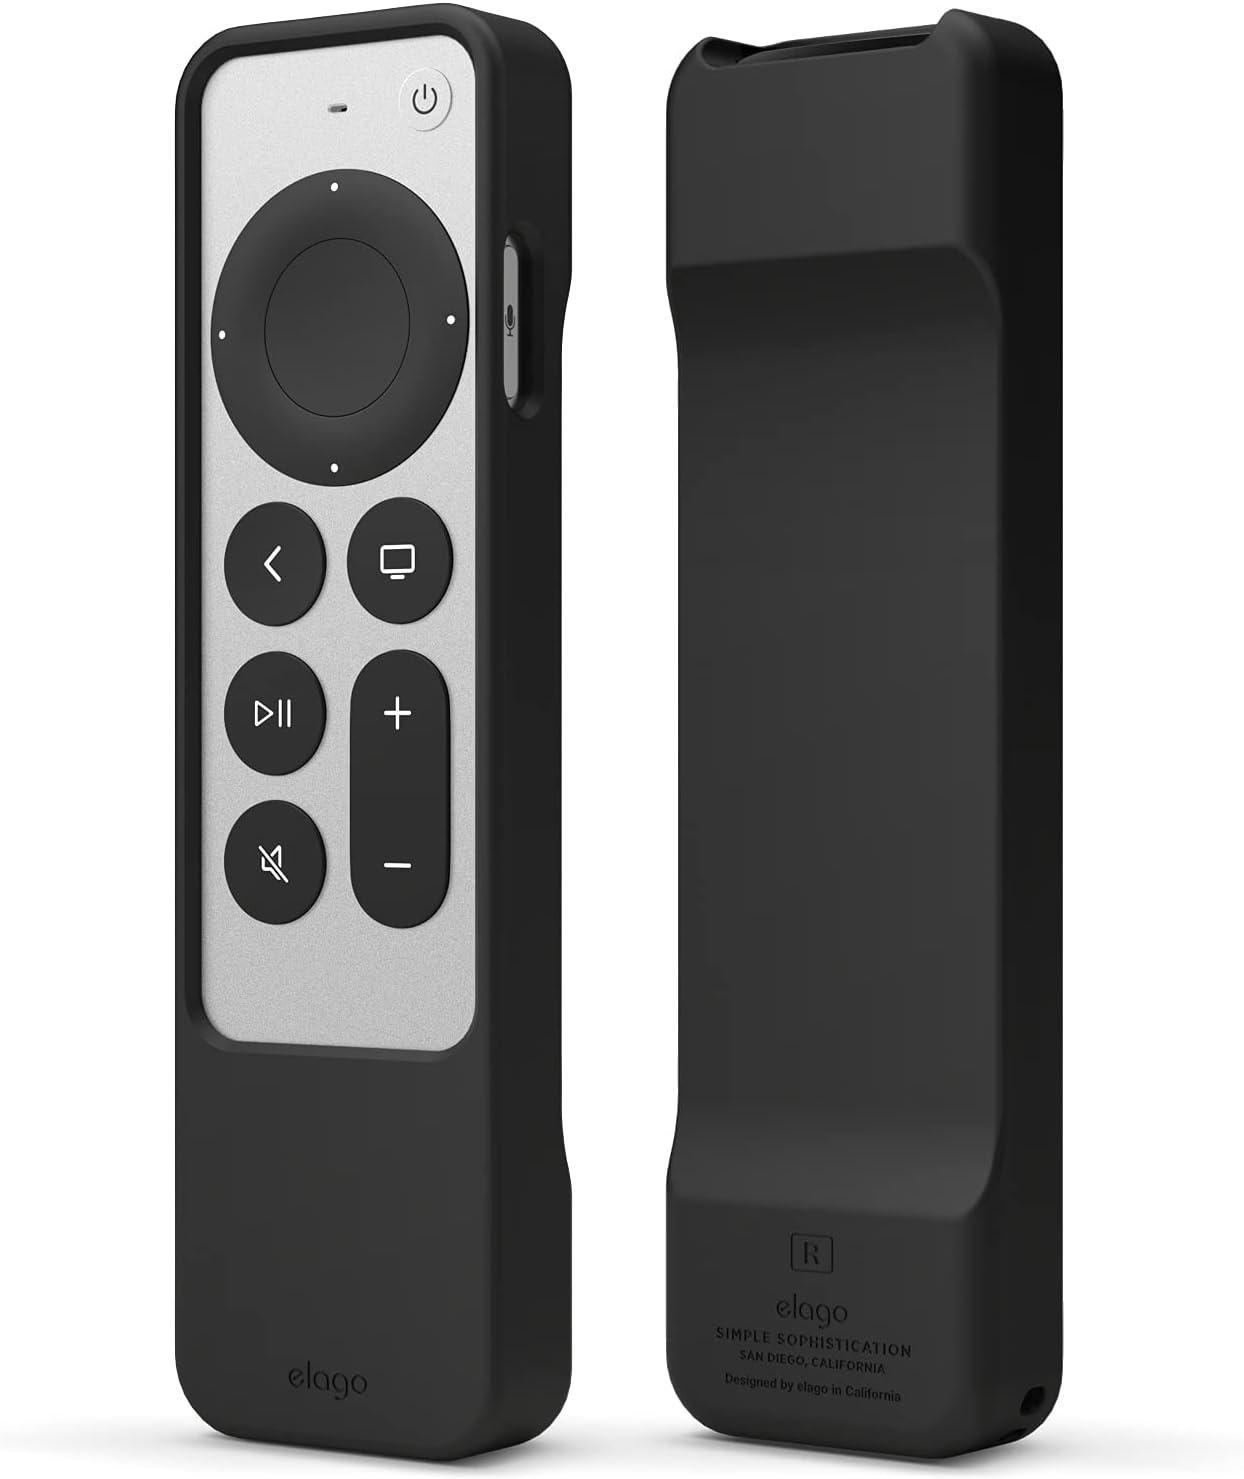 elago Funda R1 Compatible con Apple TV 4K Siri Remote (2021), Tecnología magnética, Cordón Incluido, Gran Agarre, Absorción de Golpes, Protección, Acceso a Todas Las Funciones (Negro)